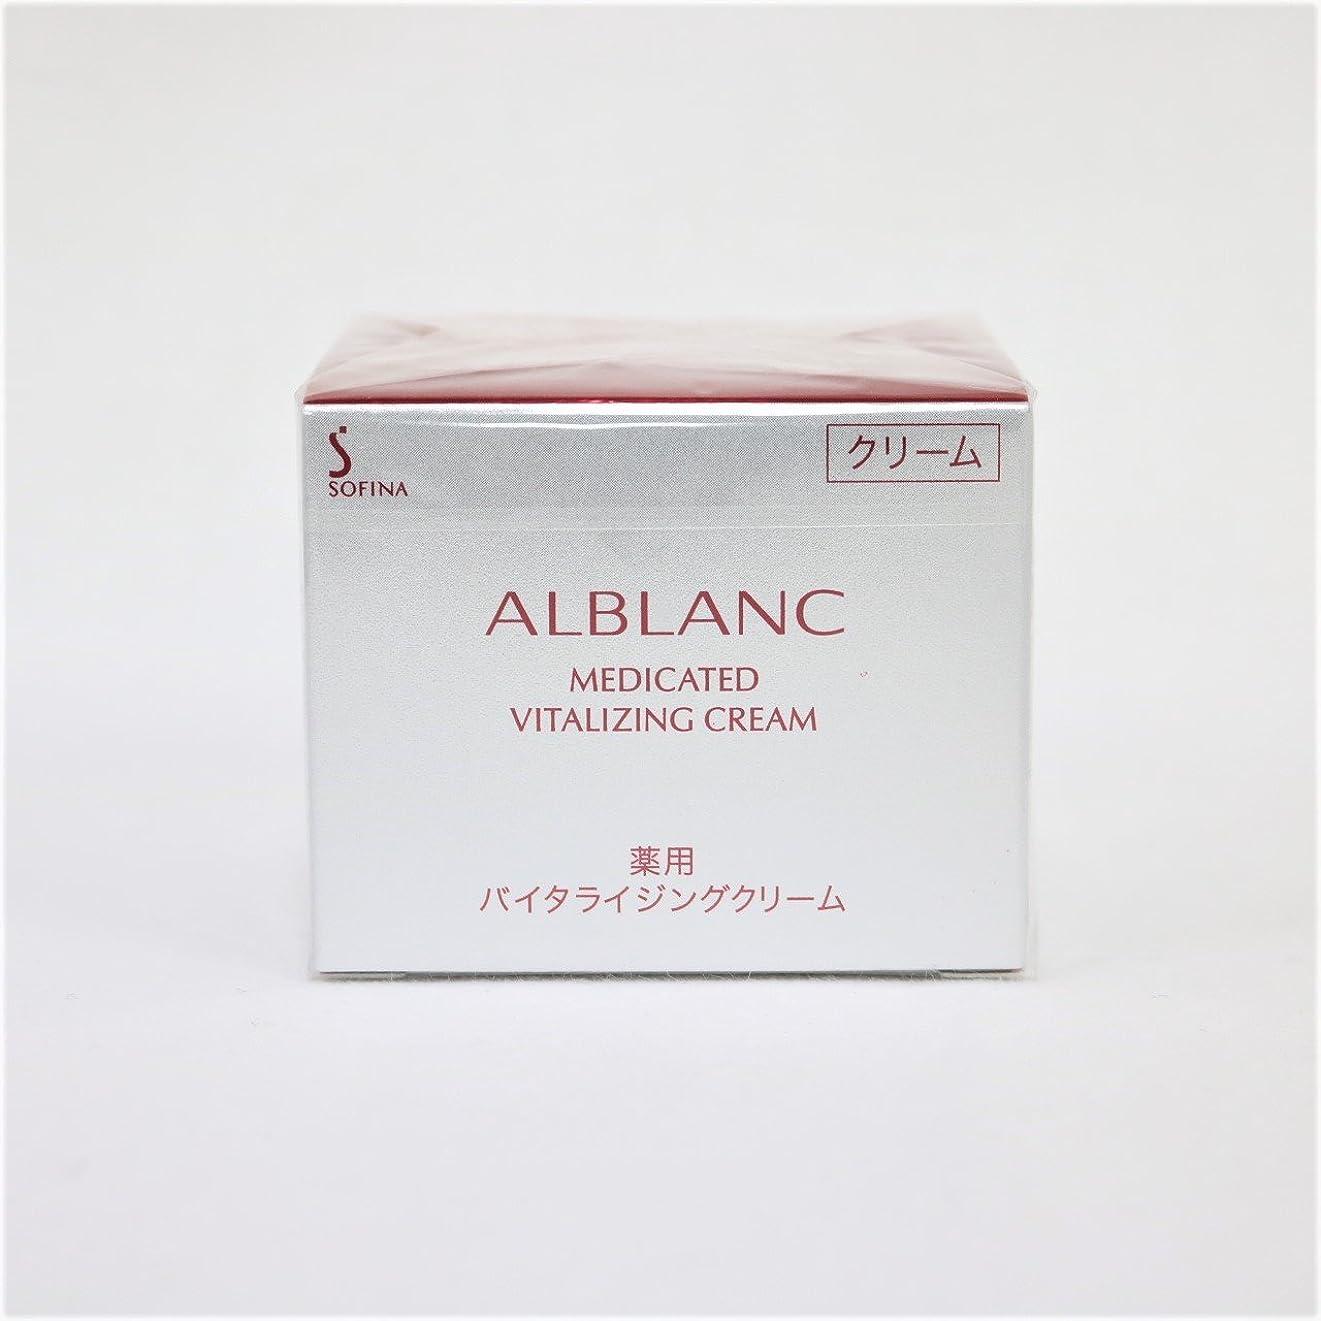 歯車排泄物砂利ソフィーナ アルブラン 薬用バイタライジングクリーム 40g